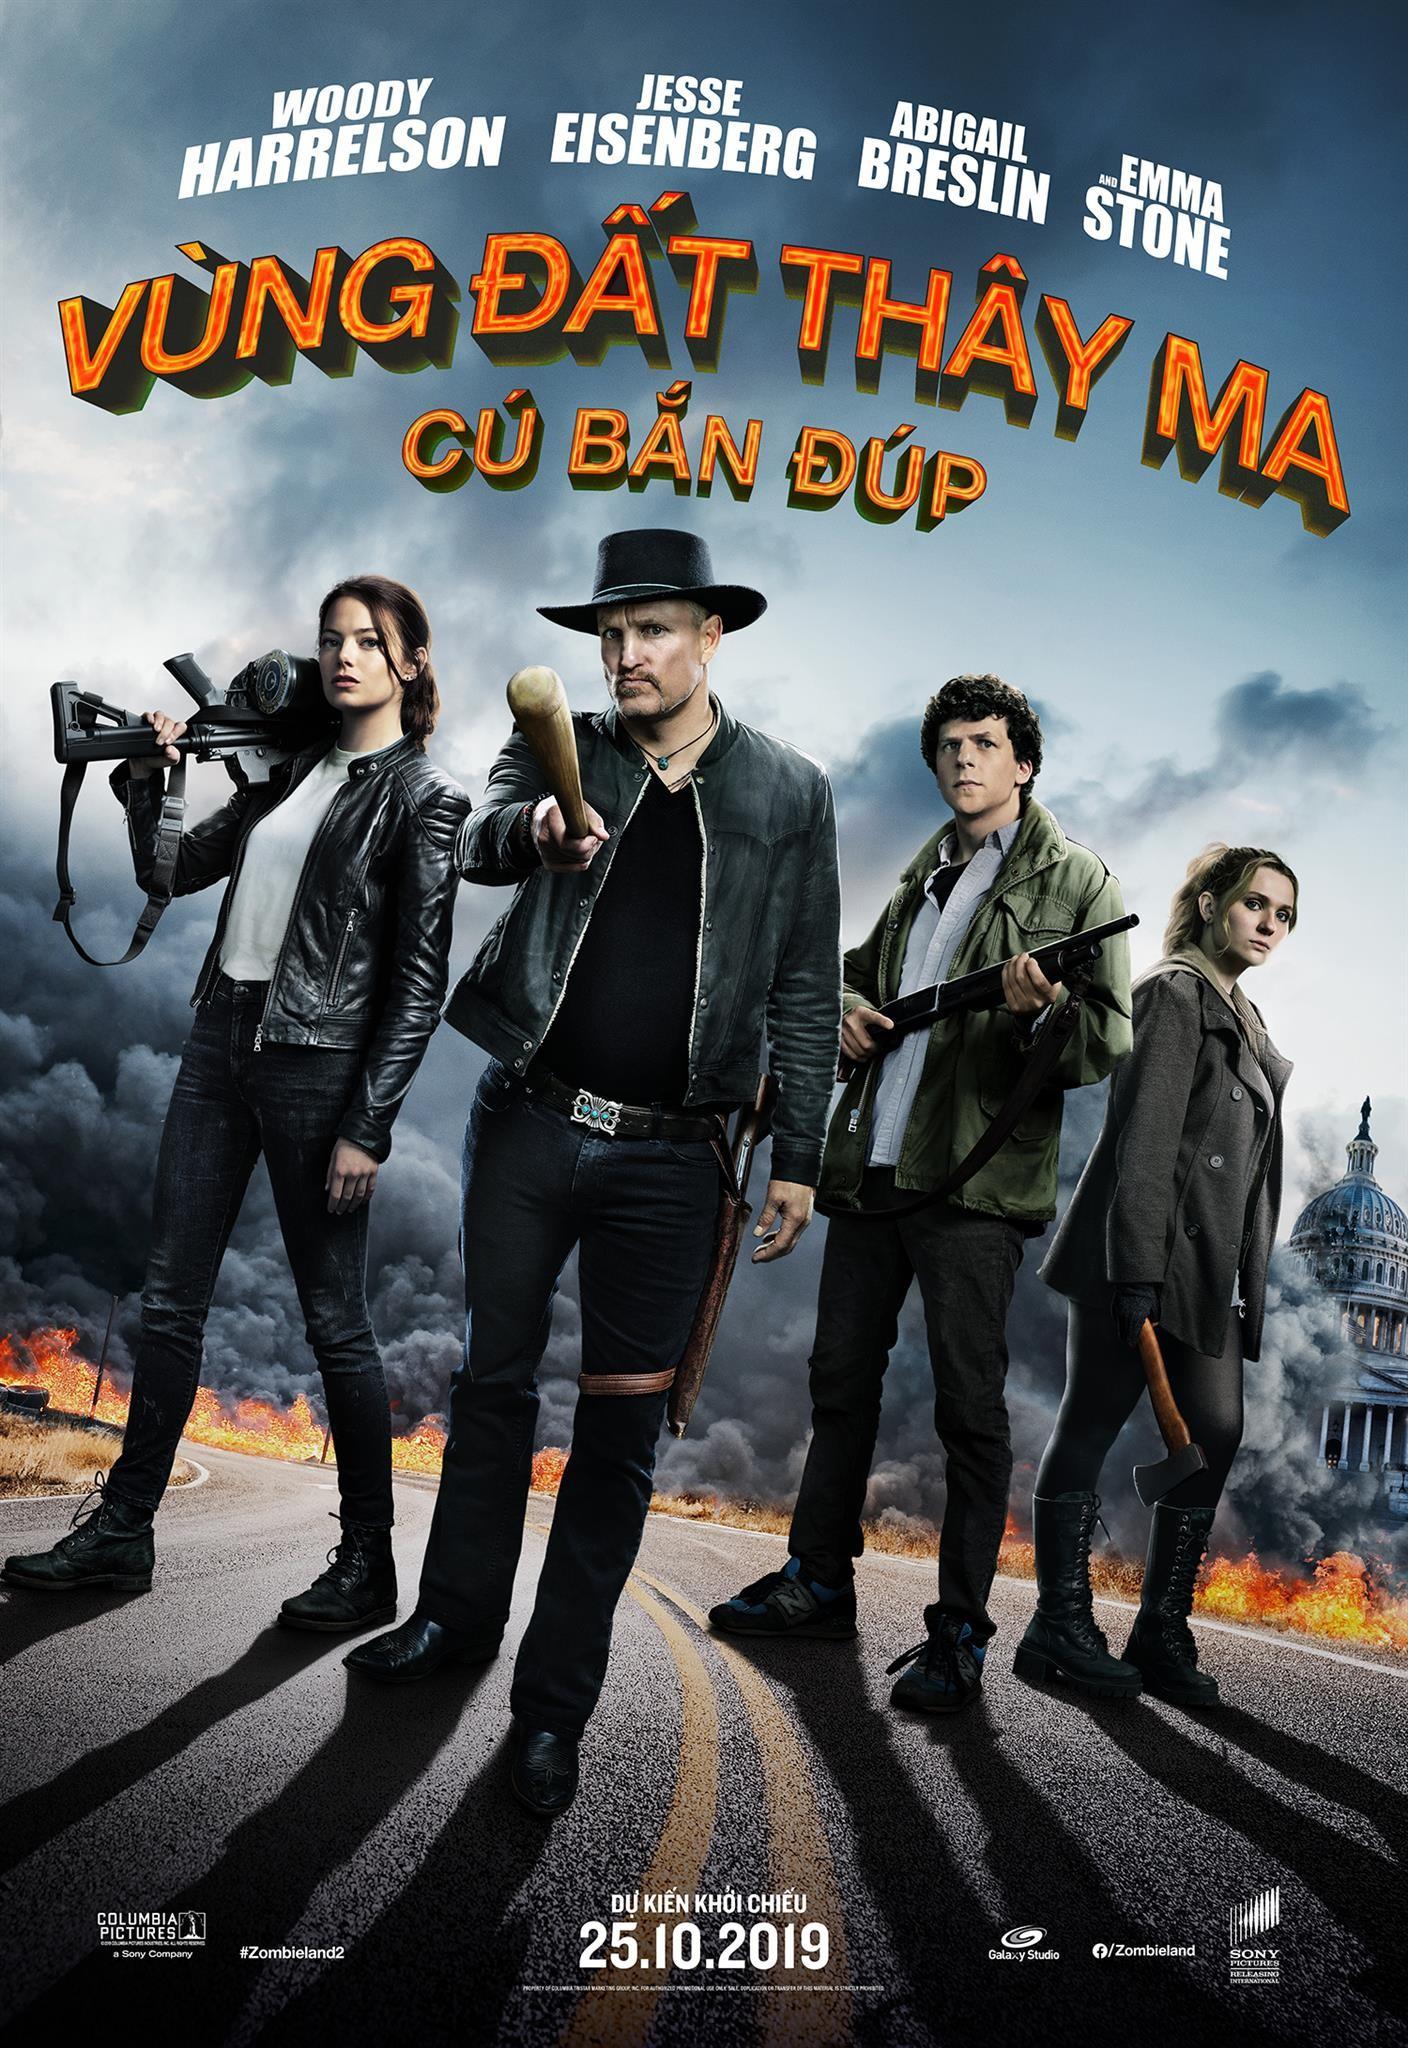 """Sau 10 năm dài, """"Zombieland"""" đã chính thức hội ngộ khán giả Việt Nam - Ảnh 2."""